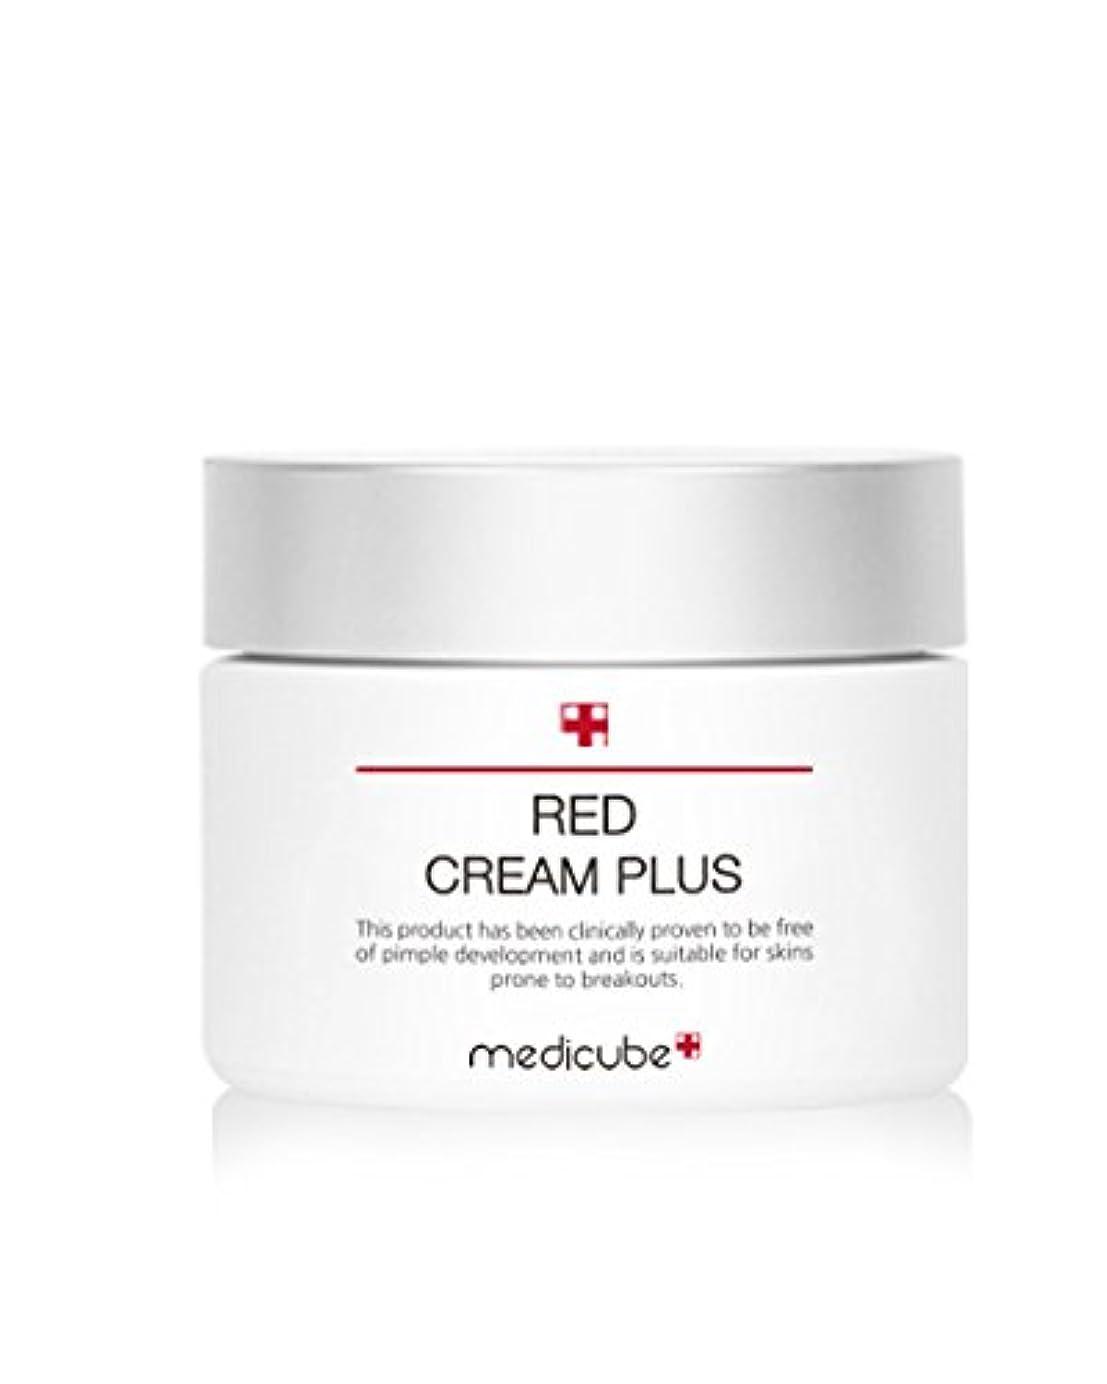 オッズポータブル四半期[Medicube]メディキューブ レッド クリーム プラス 大容量 100ml / Medicube Red Cream Plus 100ml [並行輸入品]